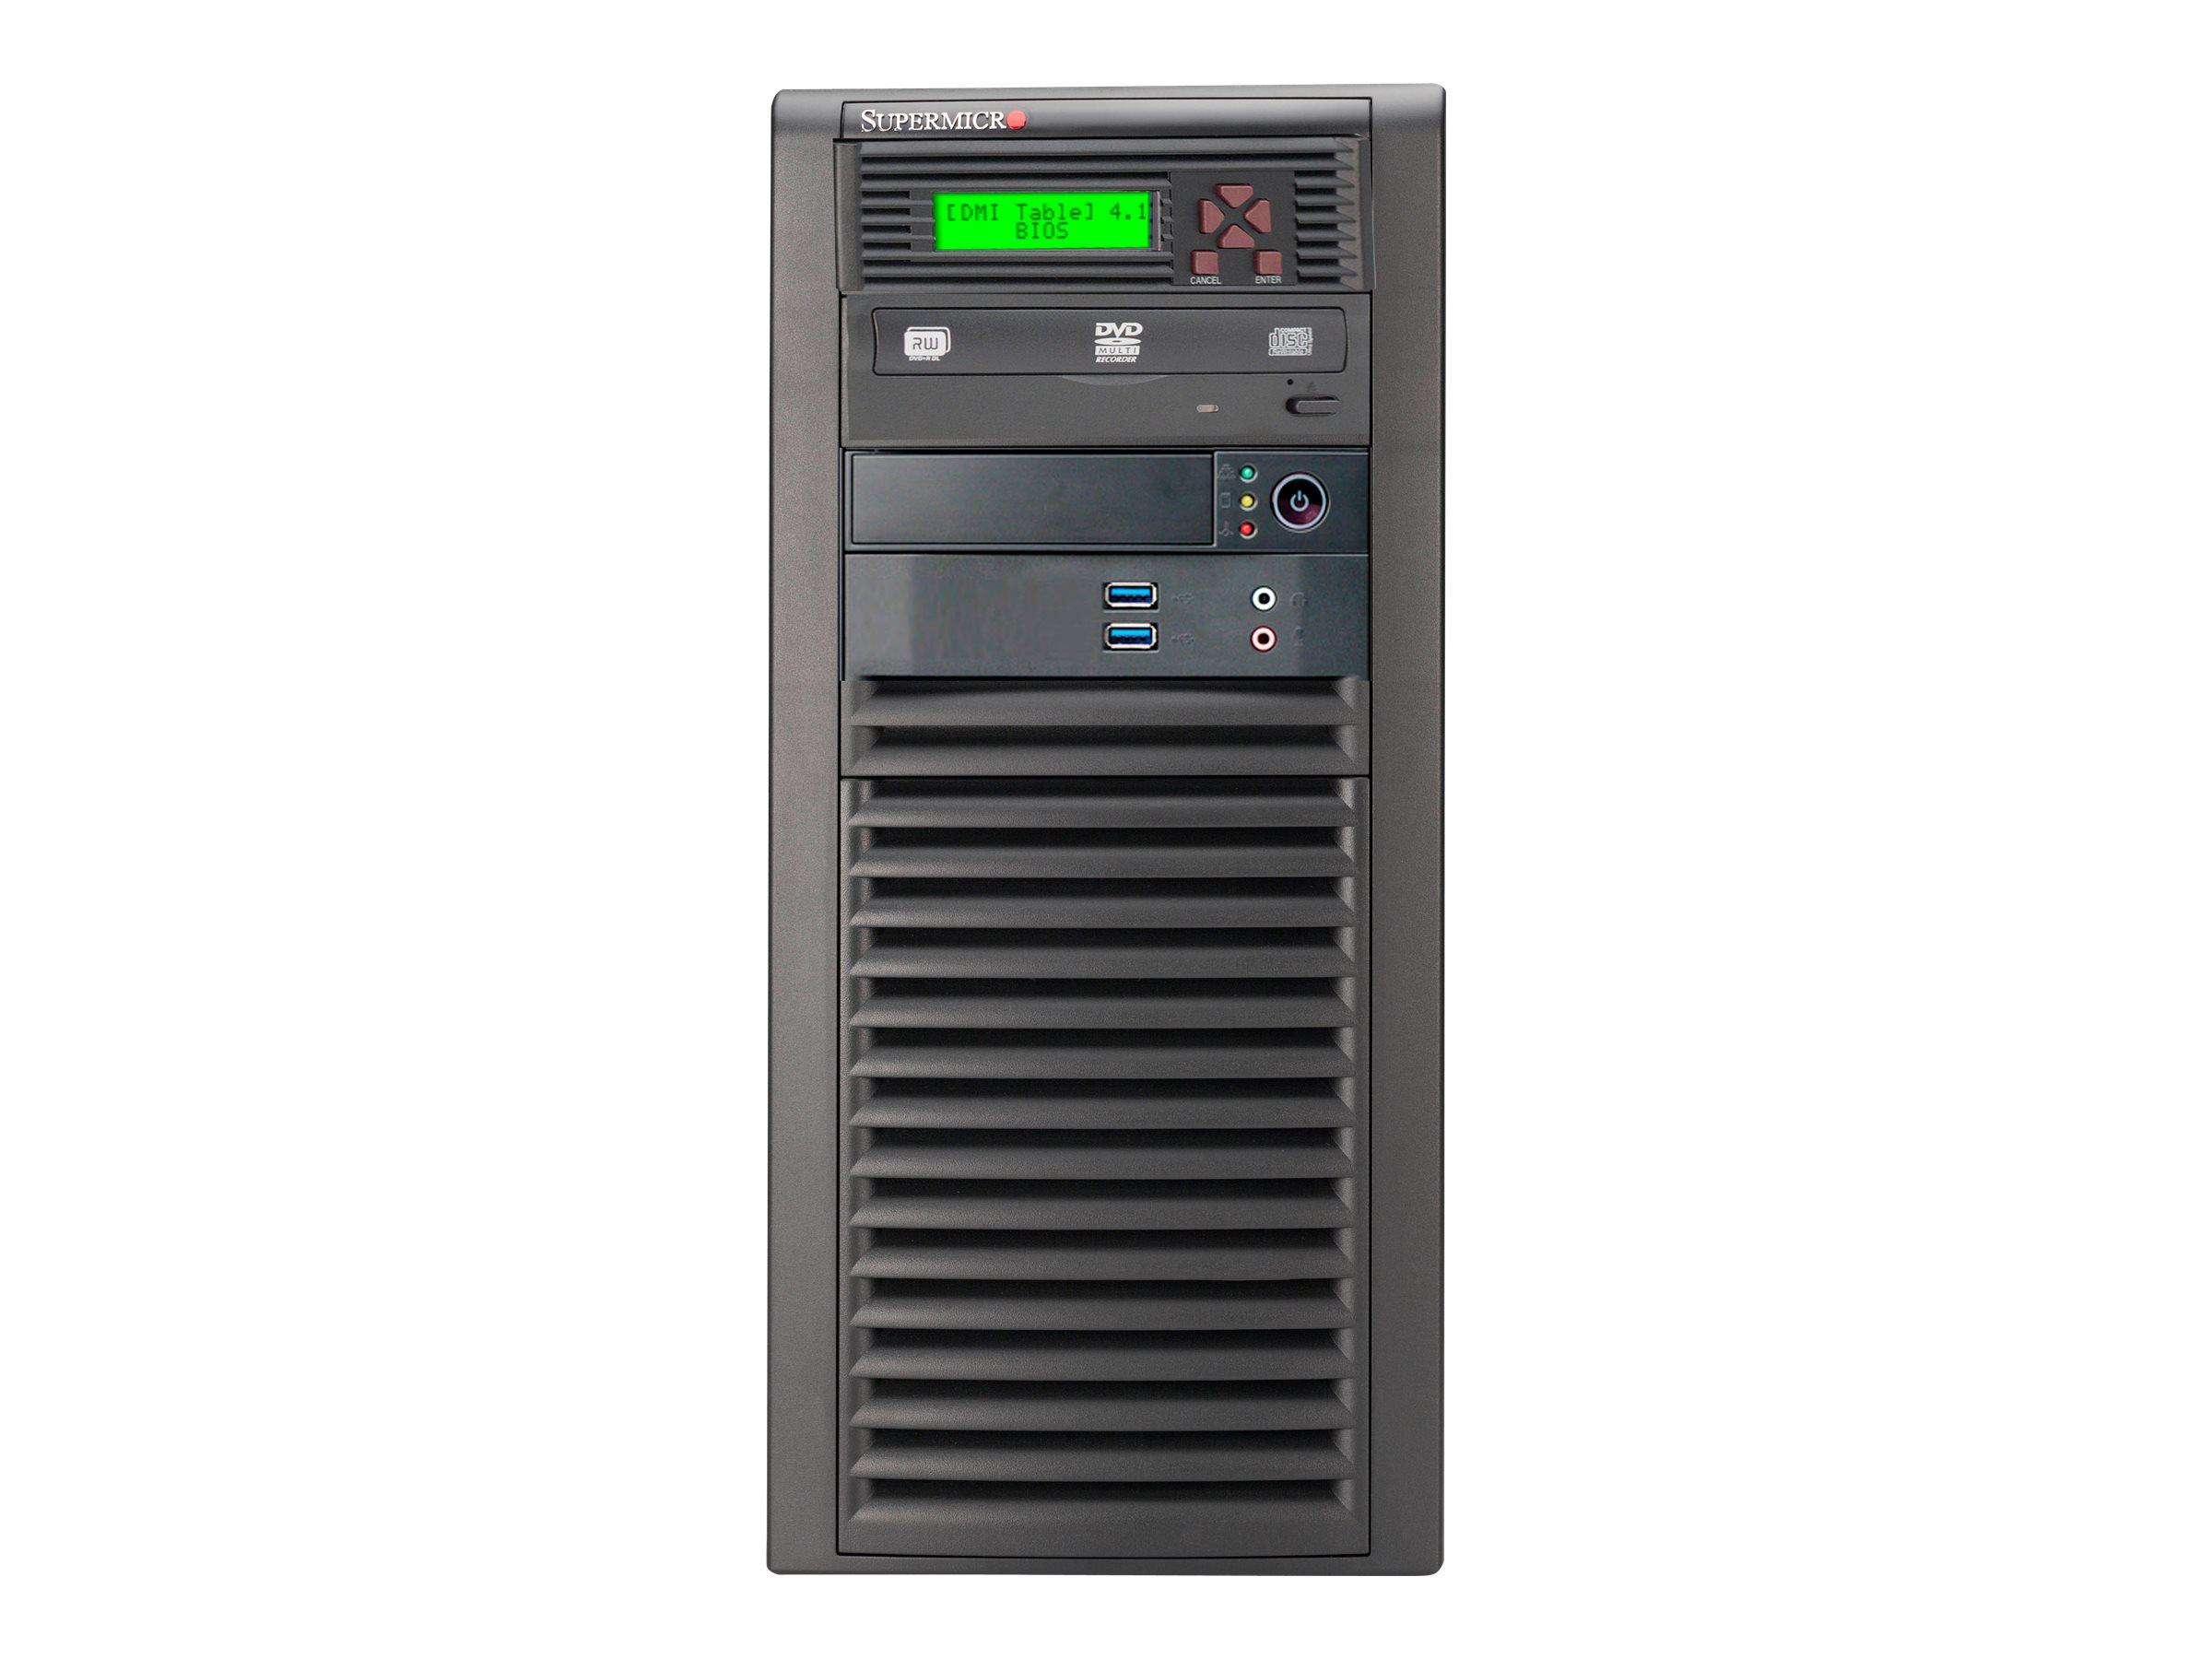 Supermicro SC732 D3-903B - Tower - Erweitertes ATX 900 Watt - Schwarz - USB/Audio